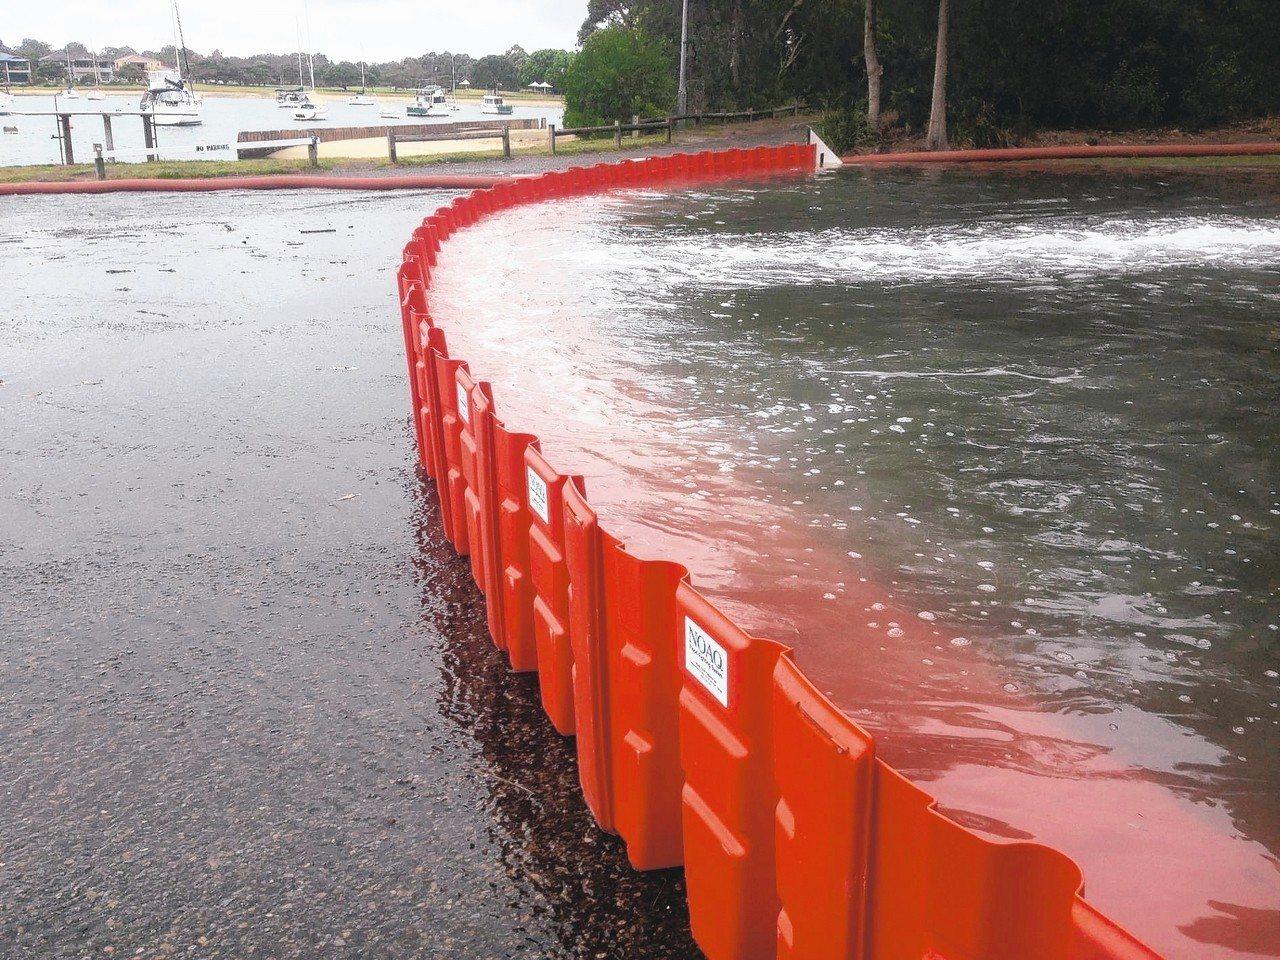 內彎型和外彎型等防水板相互搭配,可阻水防洪,也能形成巨型蓄水池。 NOAQ BO...